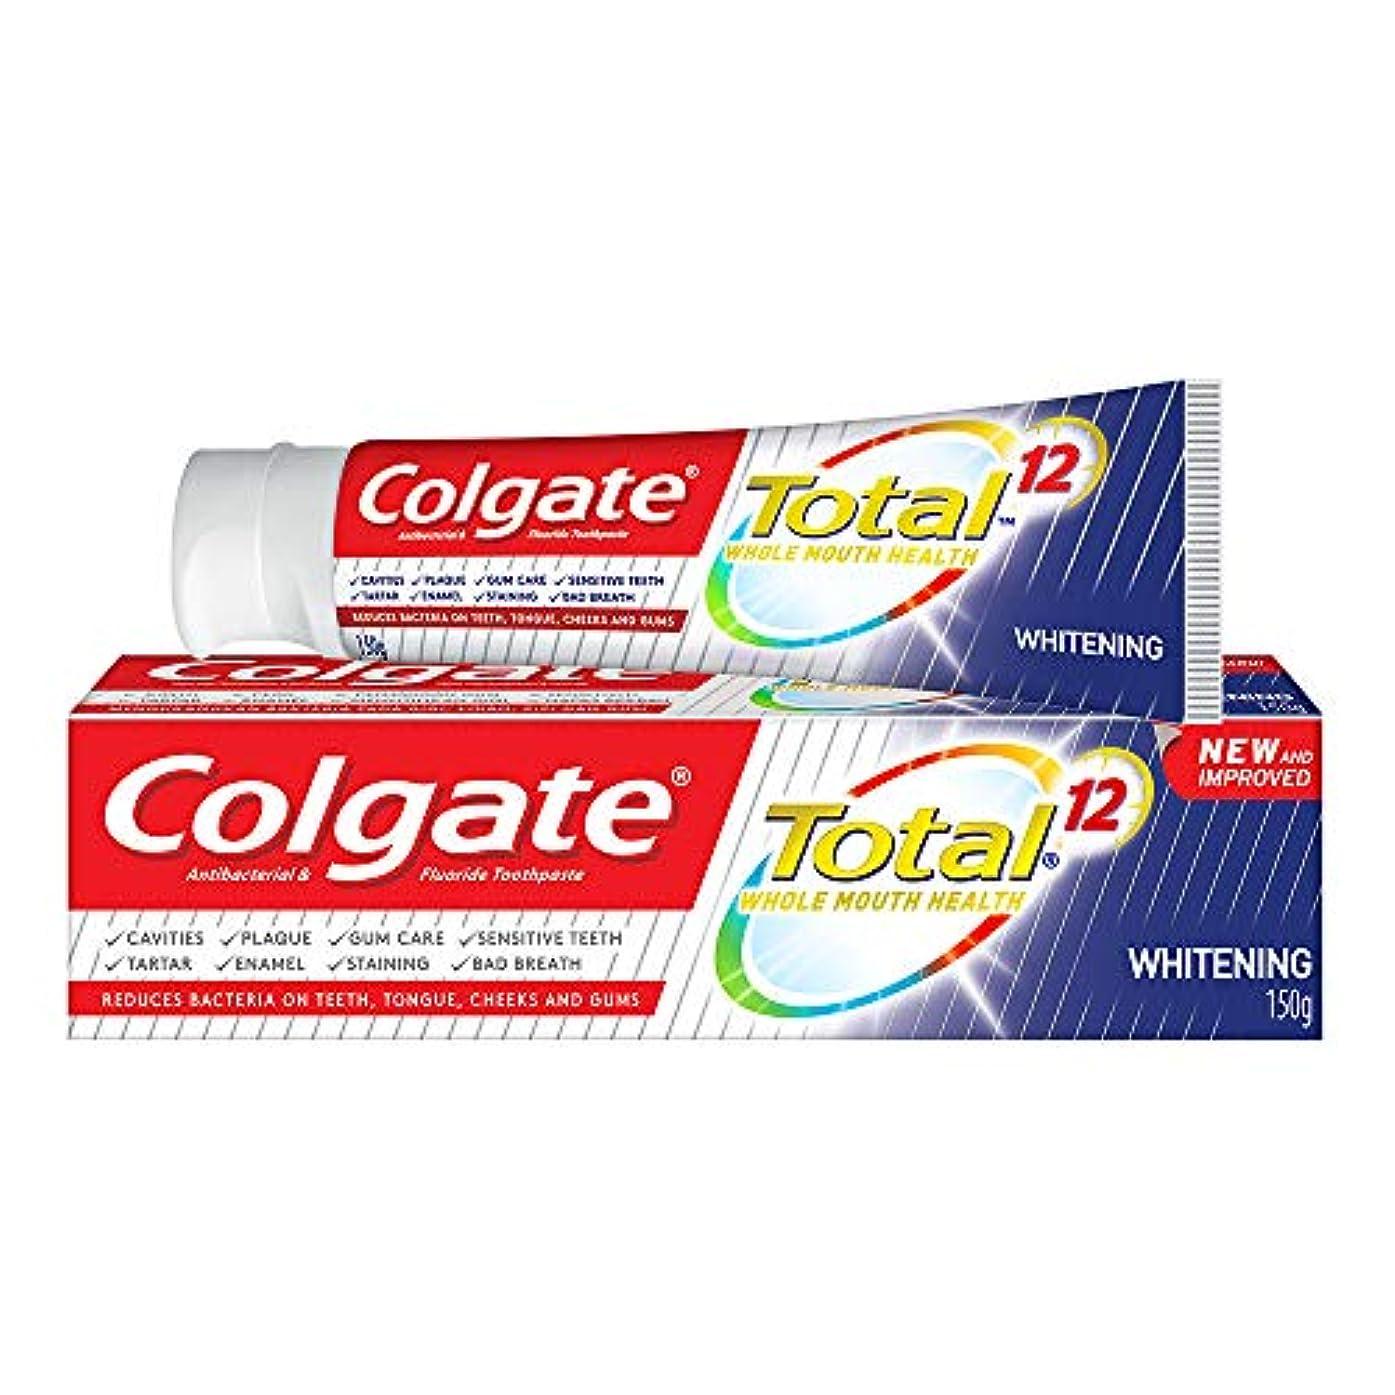 名前でオープナー作り上げる(コルゲート)Colgate 歯磨き粉 Total (150g, ホールマウスヘルス)